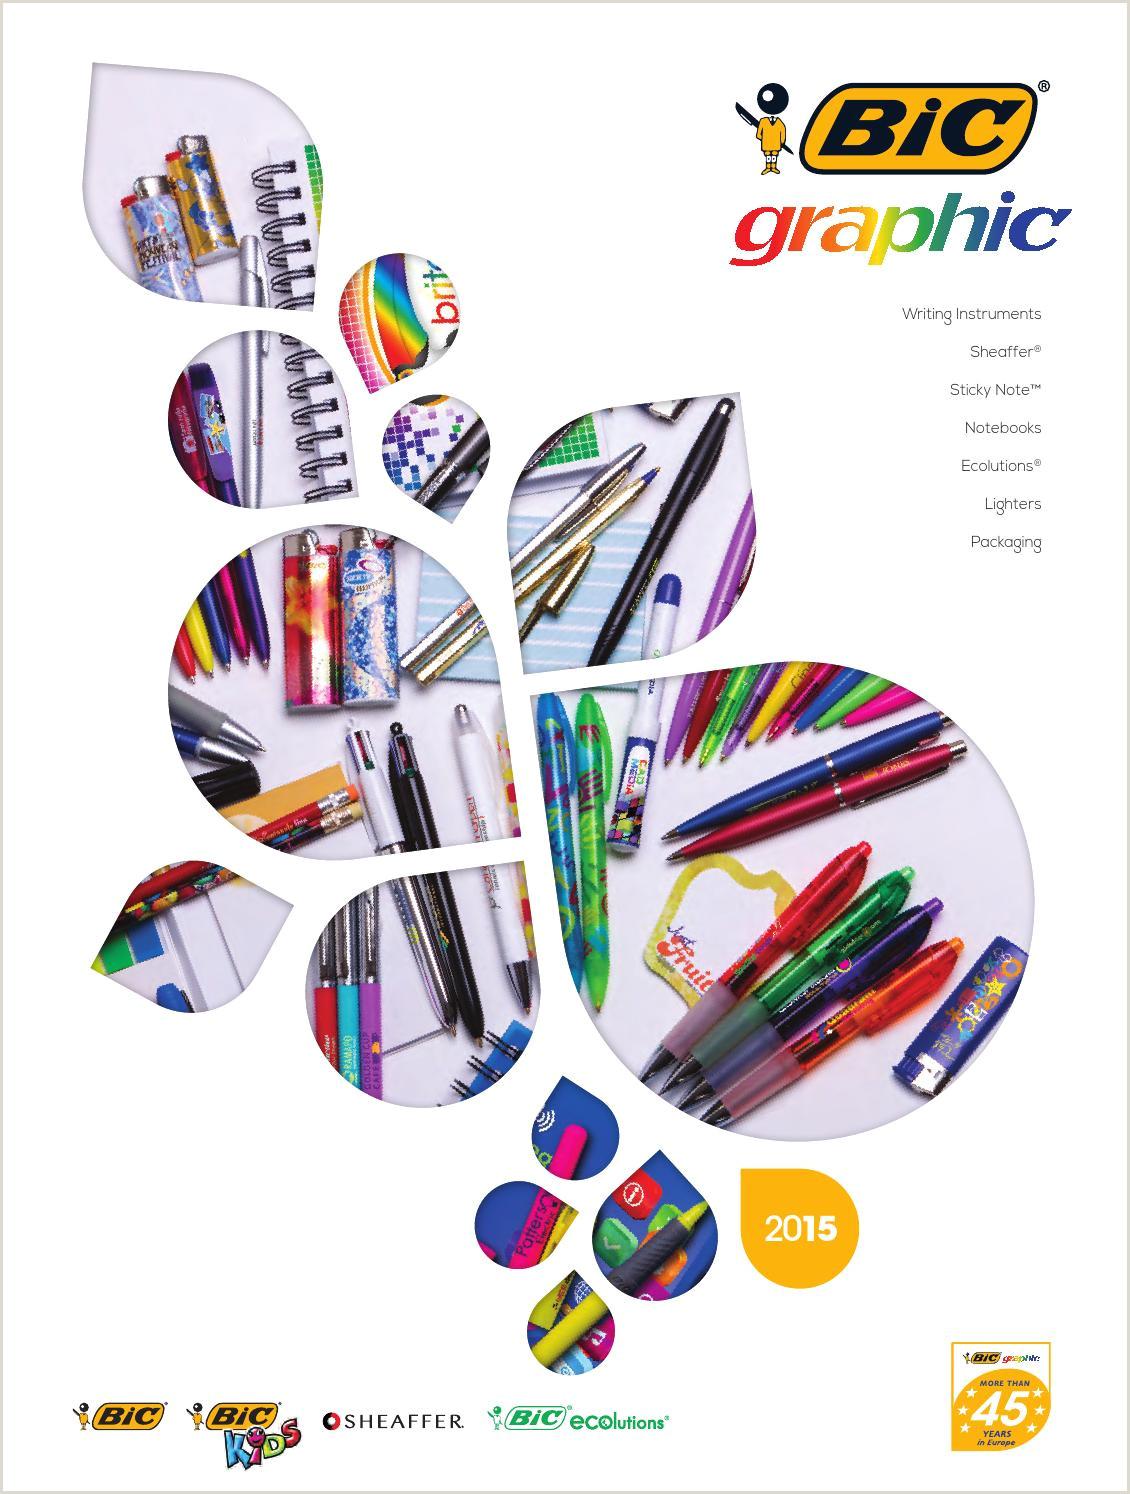 BIC Graphic 2015 by PLSPALMA Brindes Publicitários Lda